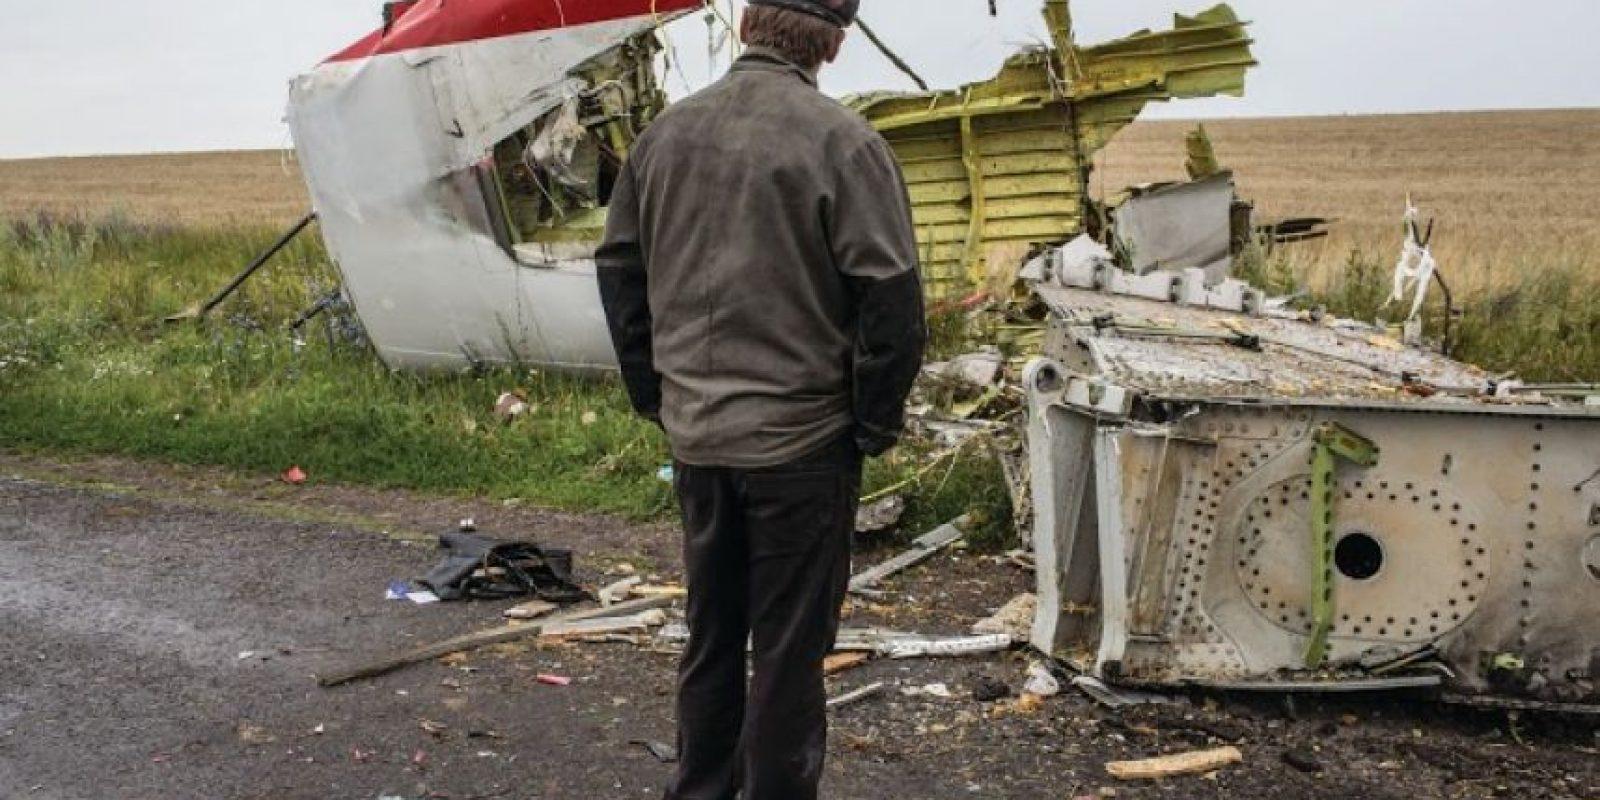 La desaparición del vuelo de pasajeros desde Kuala Lumpur a Pekín sobre el océano Índico, el 8 de marzo de este año, sorprendió al mundo entero. El avión llevaba 12 tripulantes y 227 pasajeros. Otro vuelo de Malaysian Airlines se presume que fue derribado el 17 de julio, acto en el que murieron los 283 pasajeros y 15 tripulantes a bordo. El Boeing se estrelló a 40 km de la frontera entre Ucrania y Rusia. Las razones de estos trágicos sucesos son todavía desconocidos. Foto:AGENCIAS